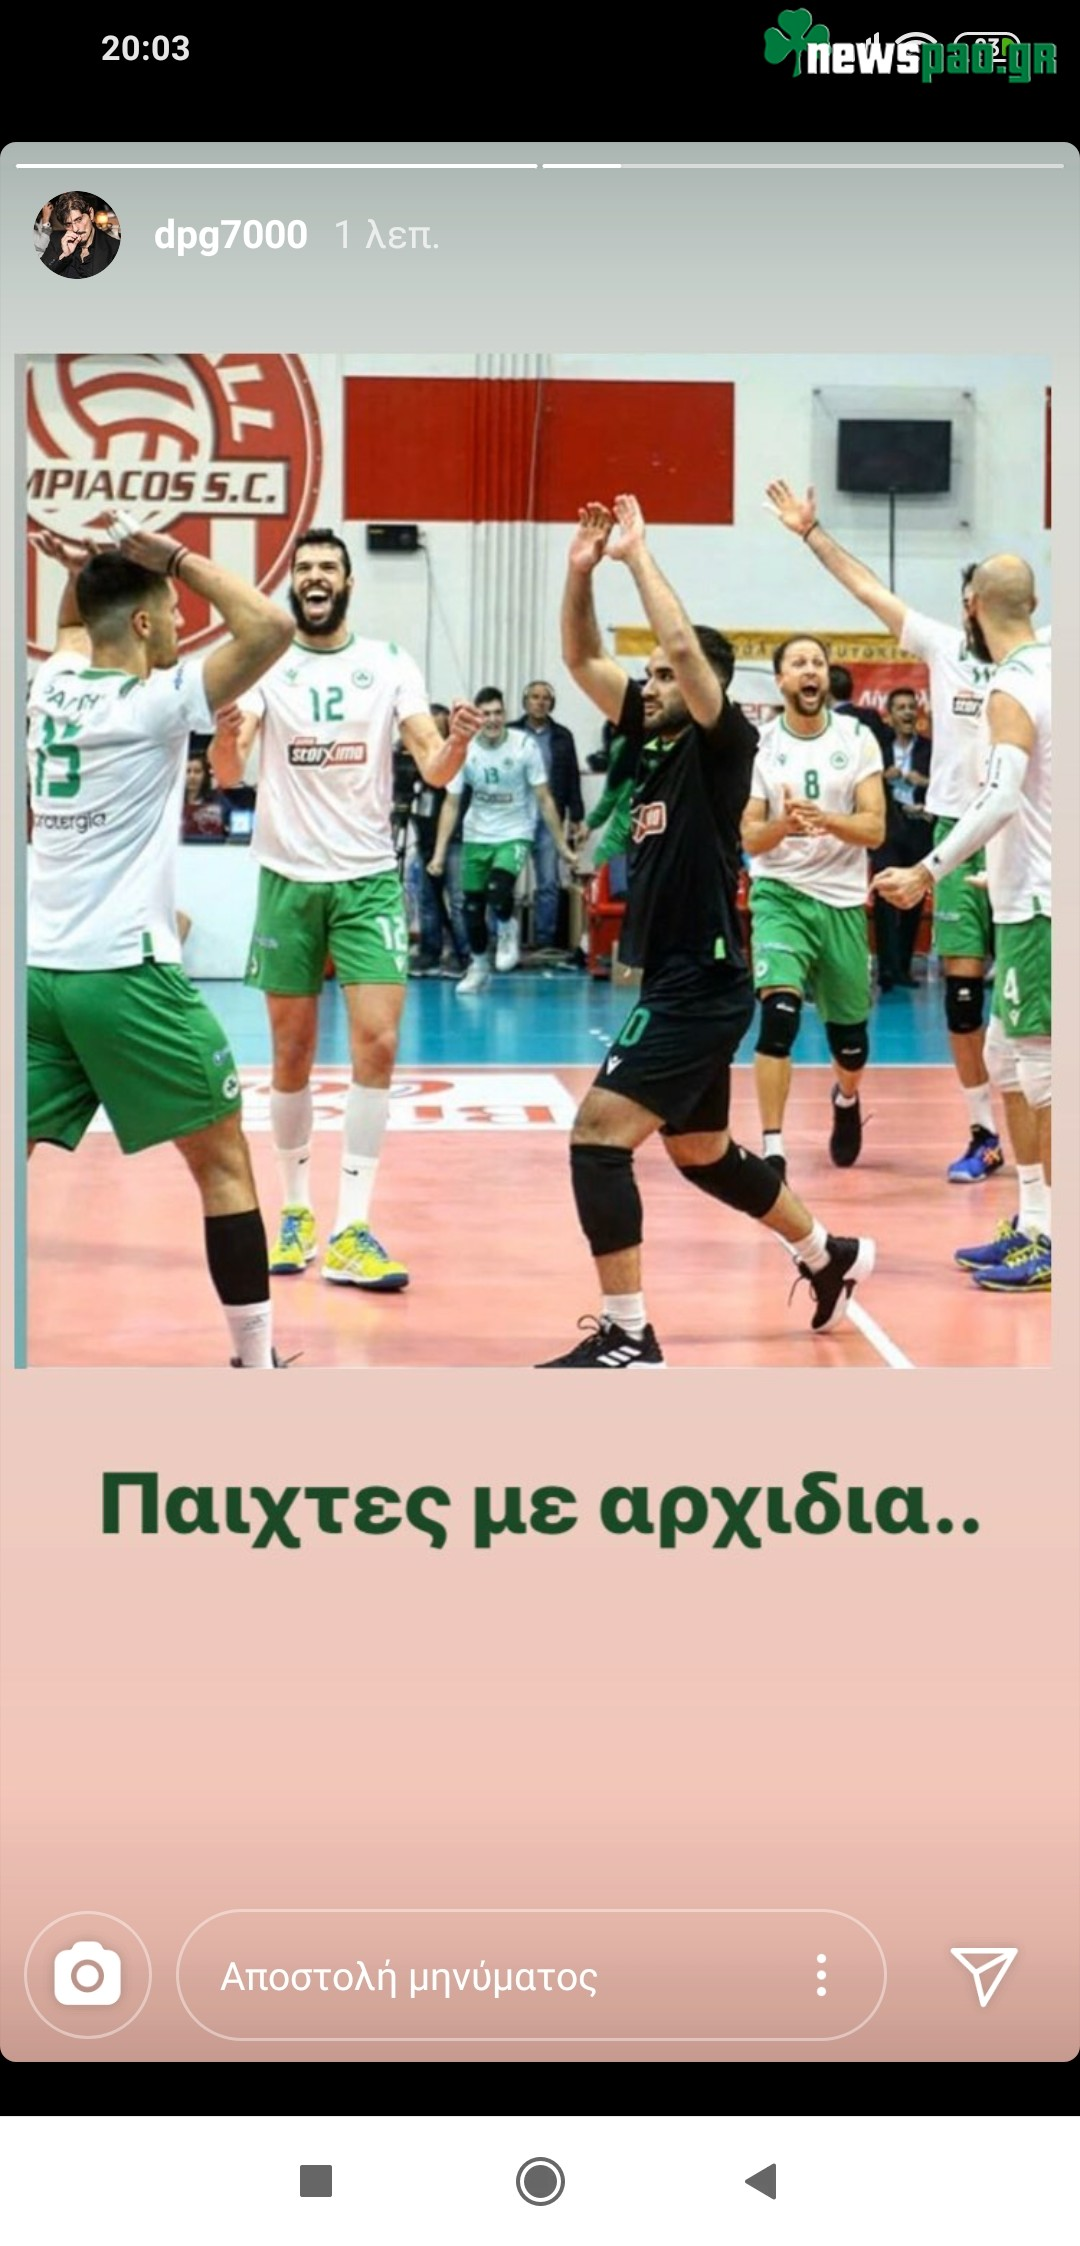 Το σχόλιο Γιαννακόπουλου για το διπλό της ομάδας βόλεϊ